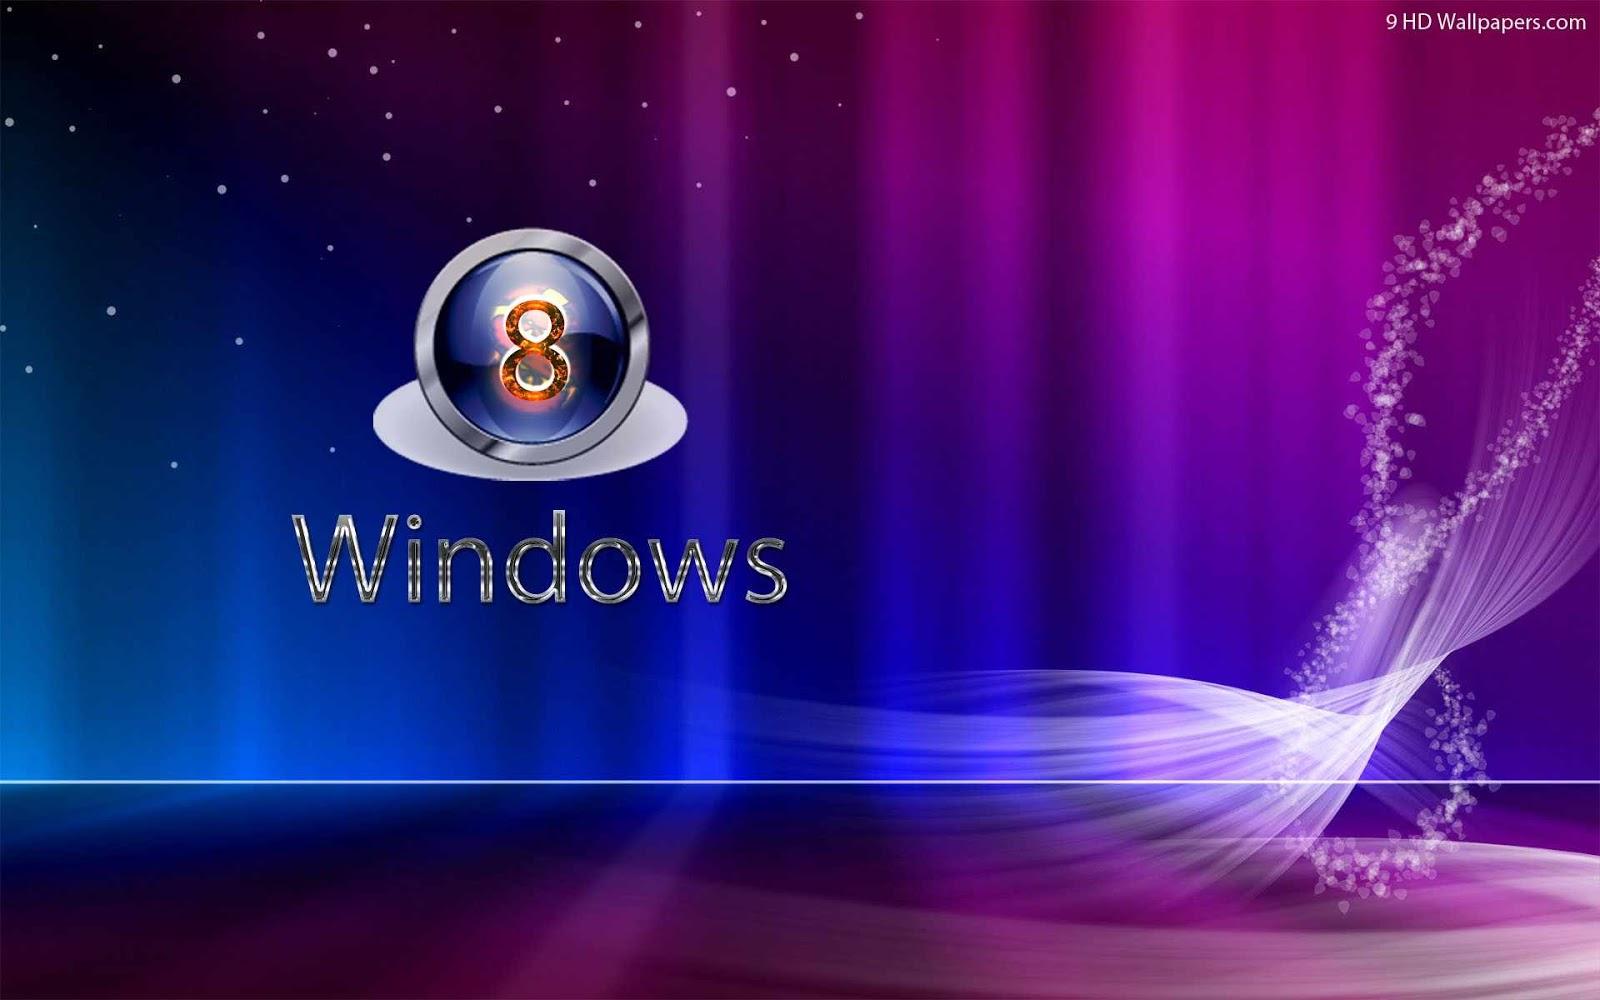 Unique Wallpaper Super Cool Windows 8 Wallpapers HD 1600x1000